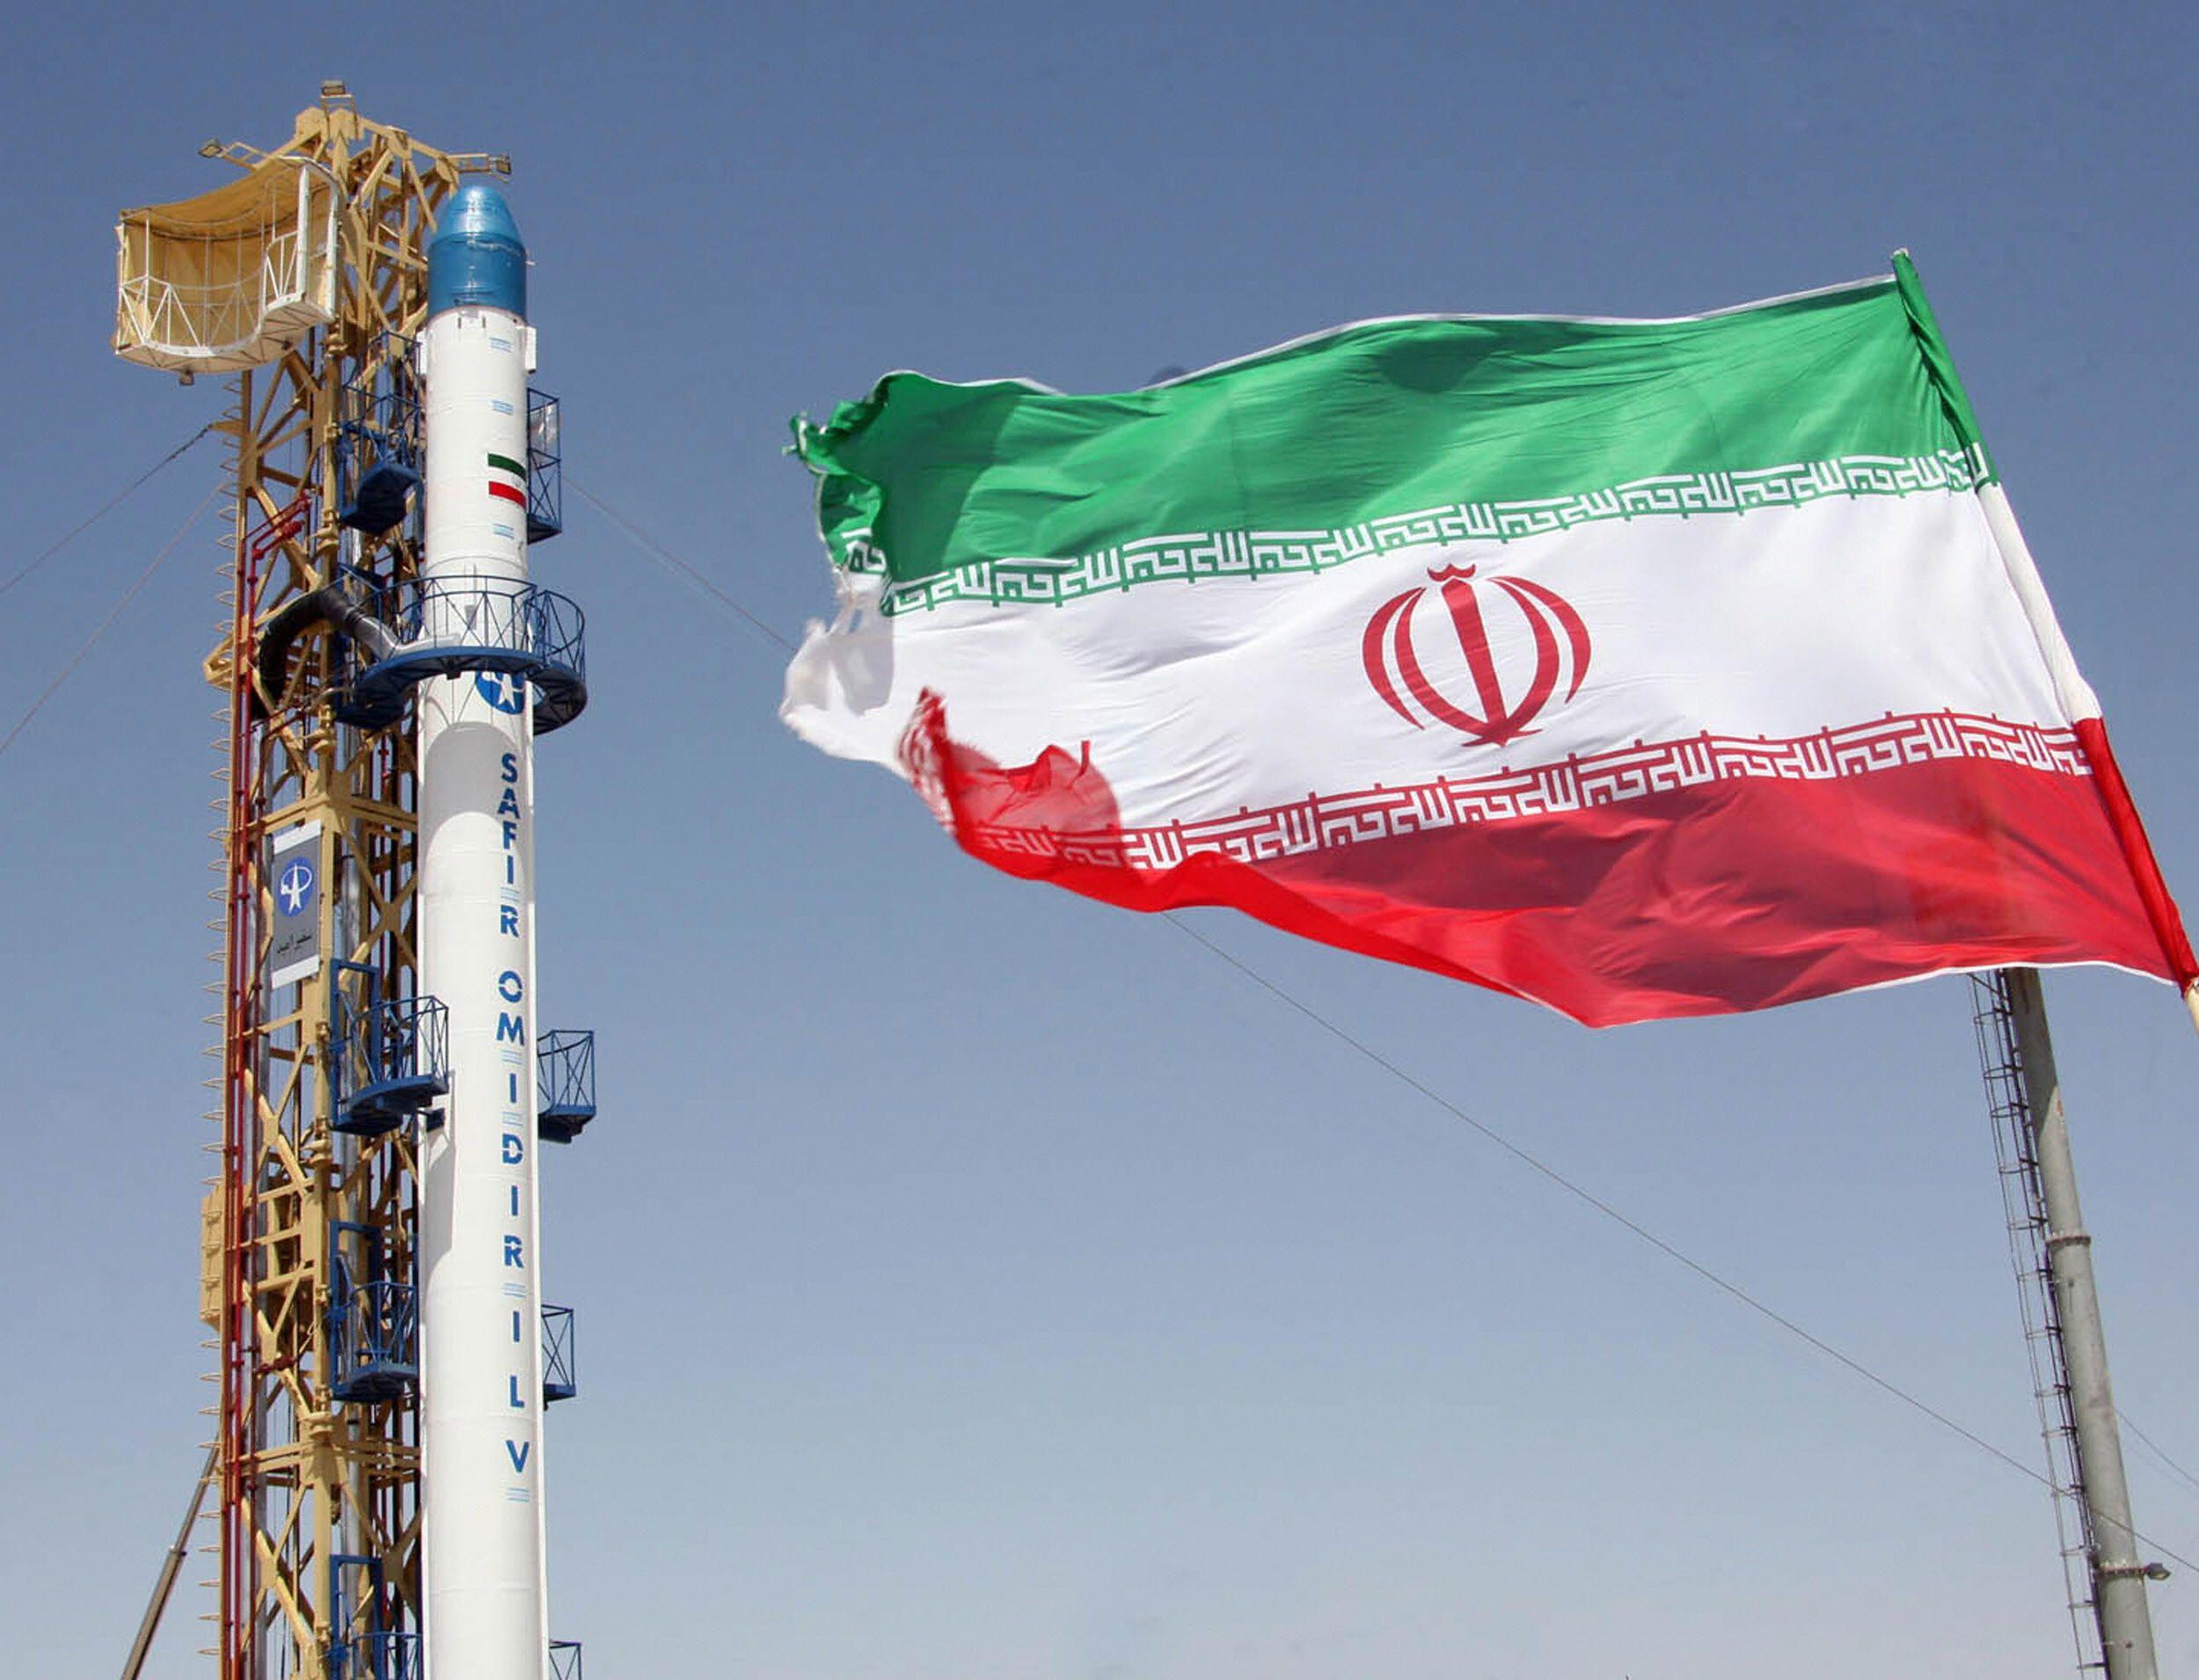 ايران به ستمبر پورې فضاته څارګره سپوږمکۍ وتوغوي